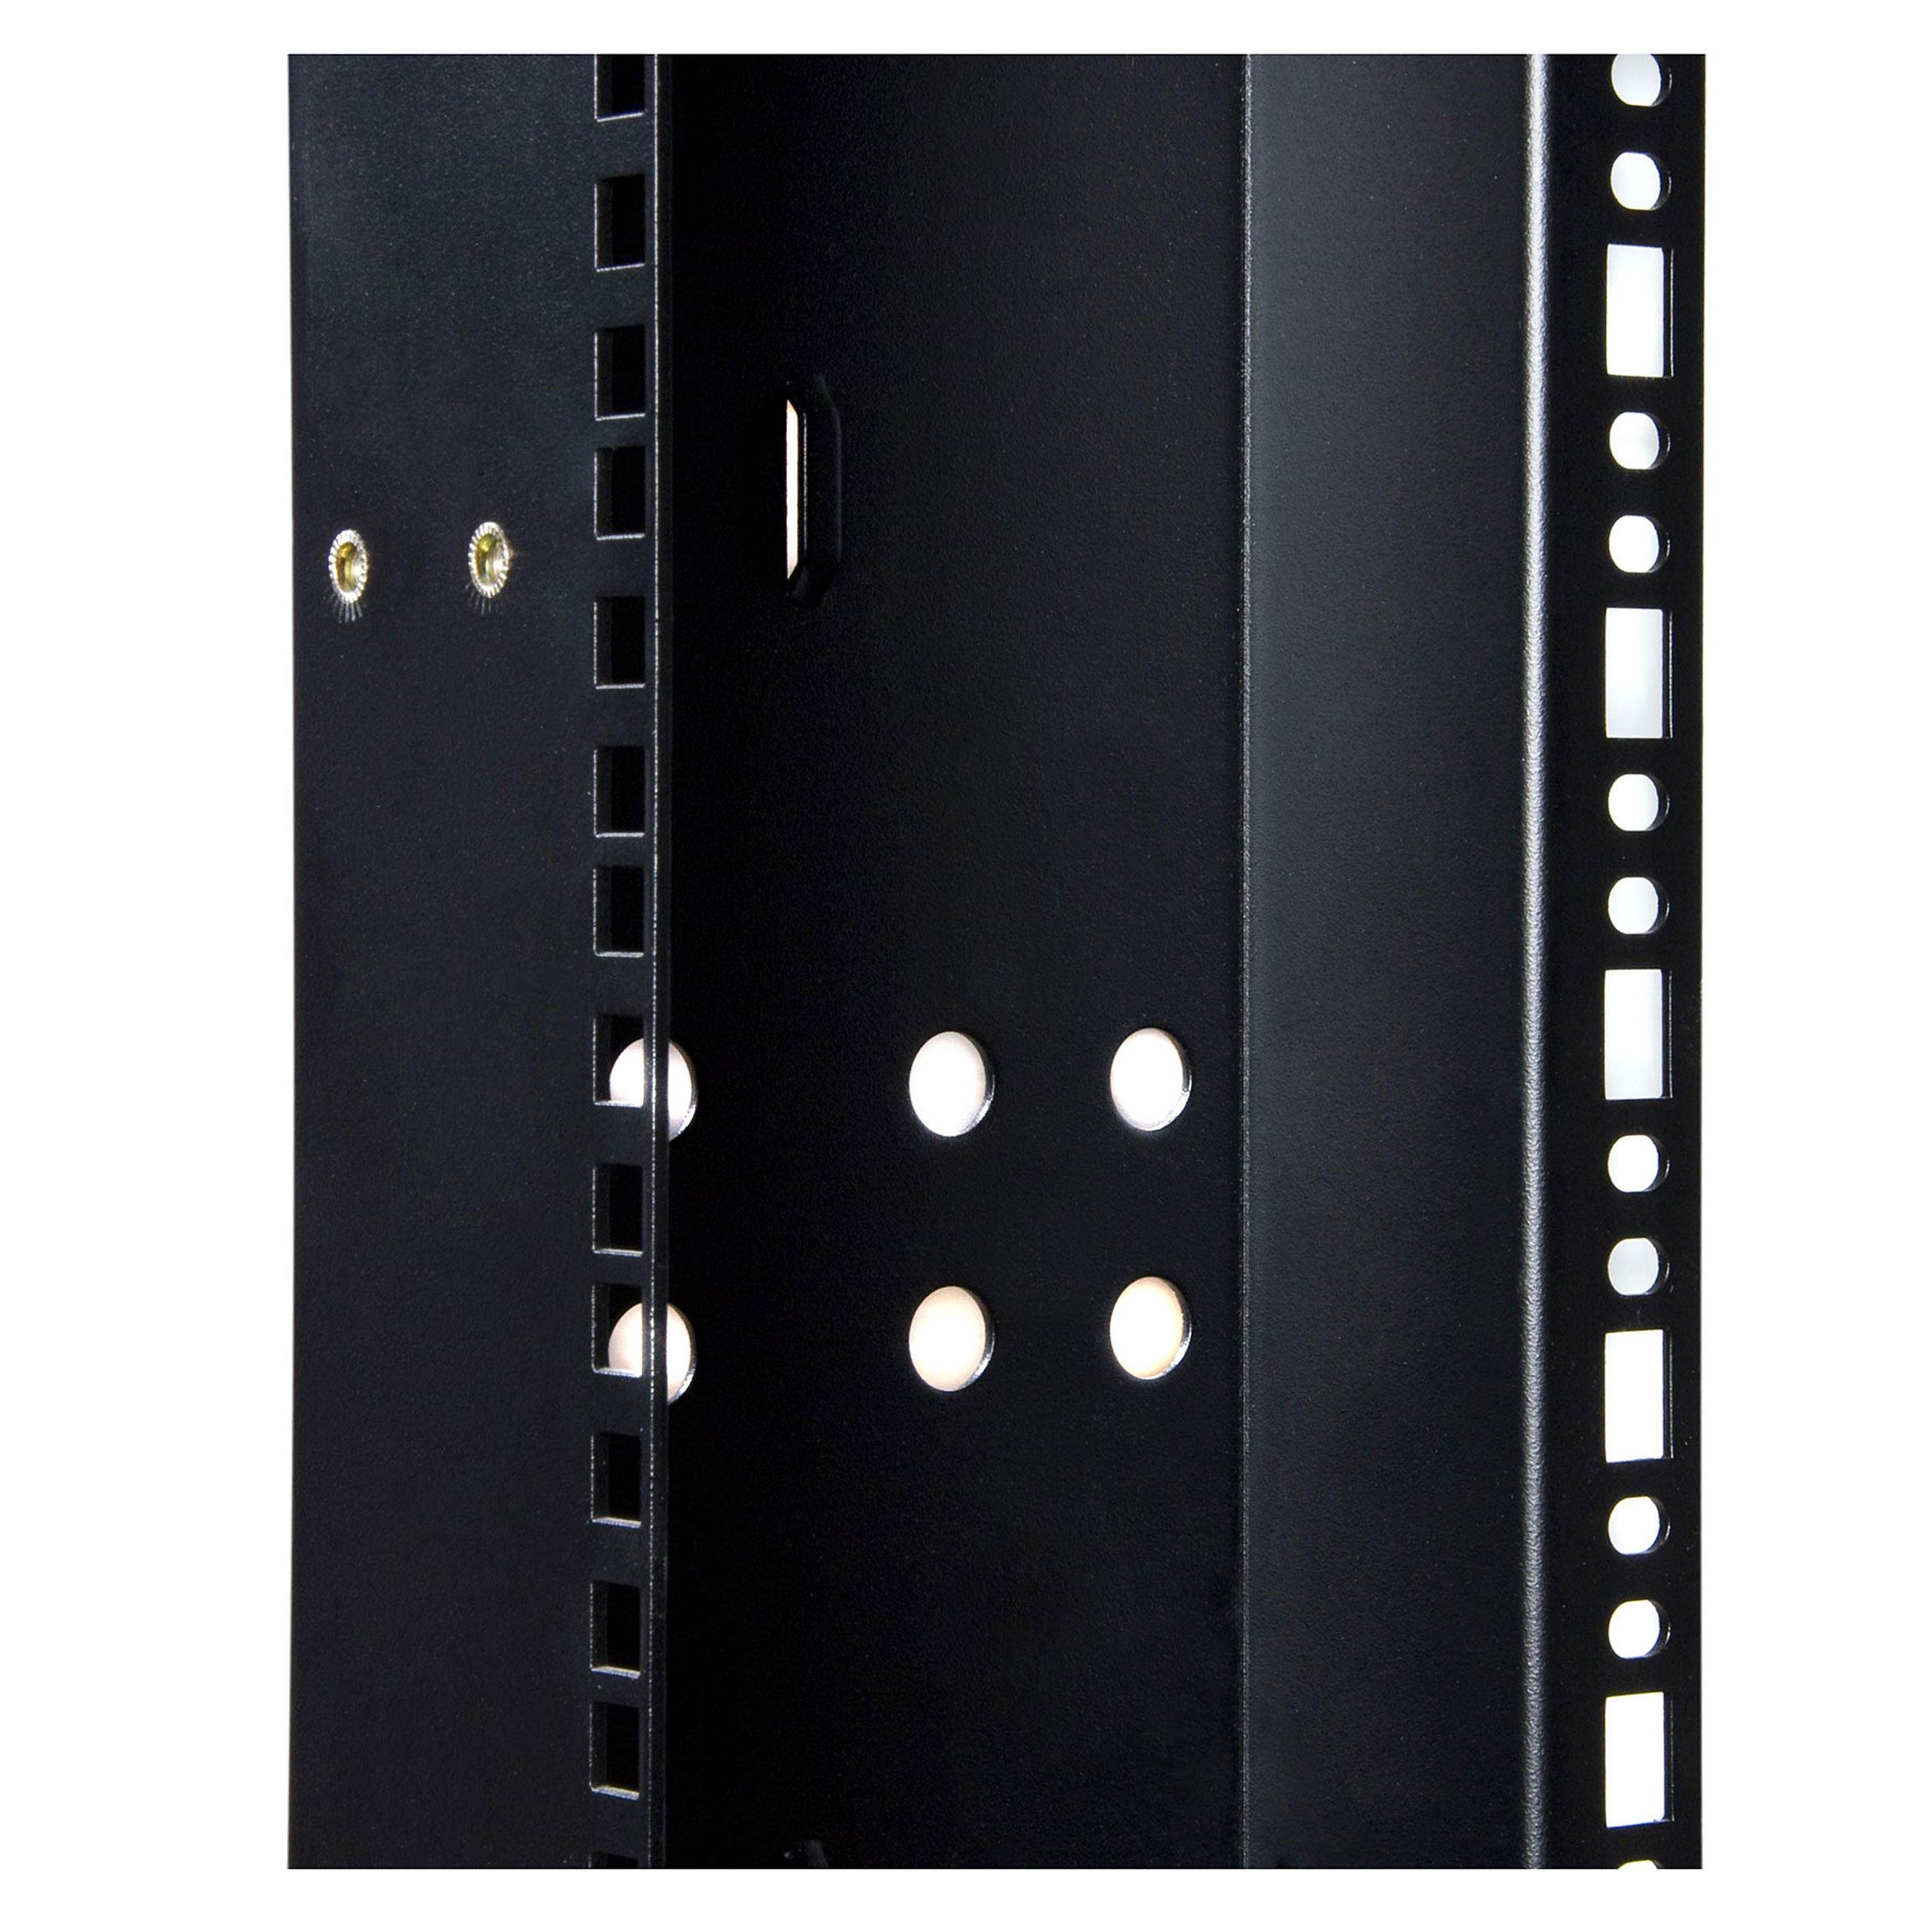 StarTech.com 45U 3300lb High Capacity 4 Post Open Server Equipment Rack - Flat Pack